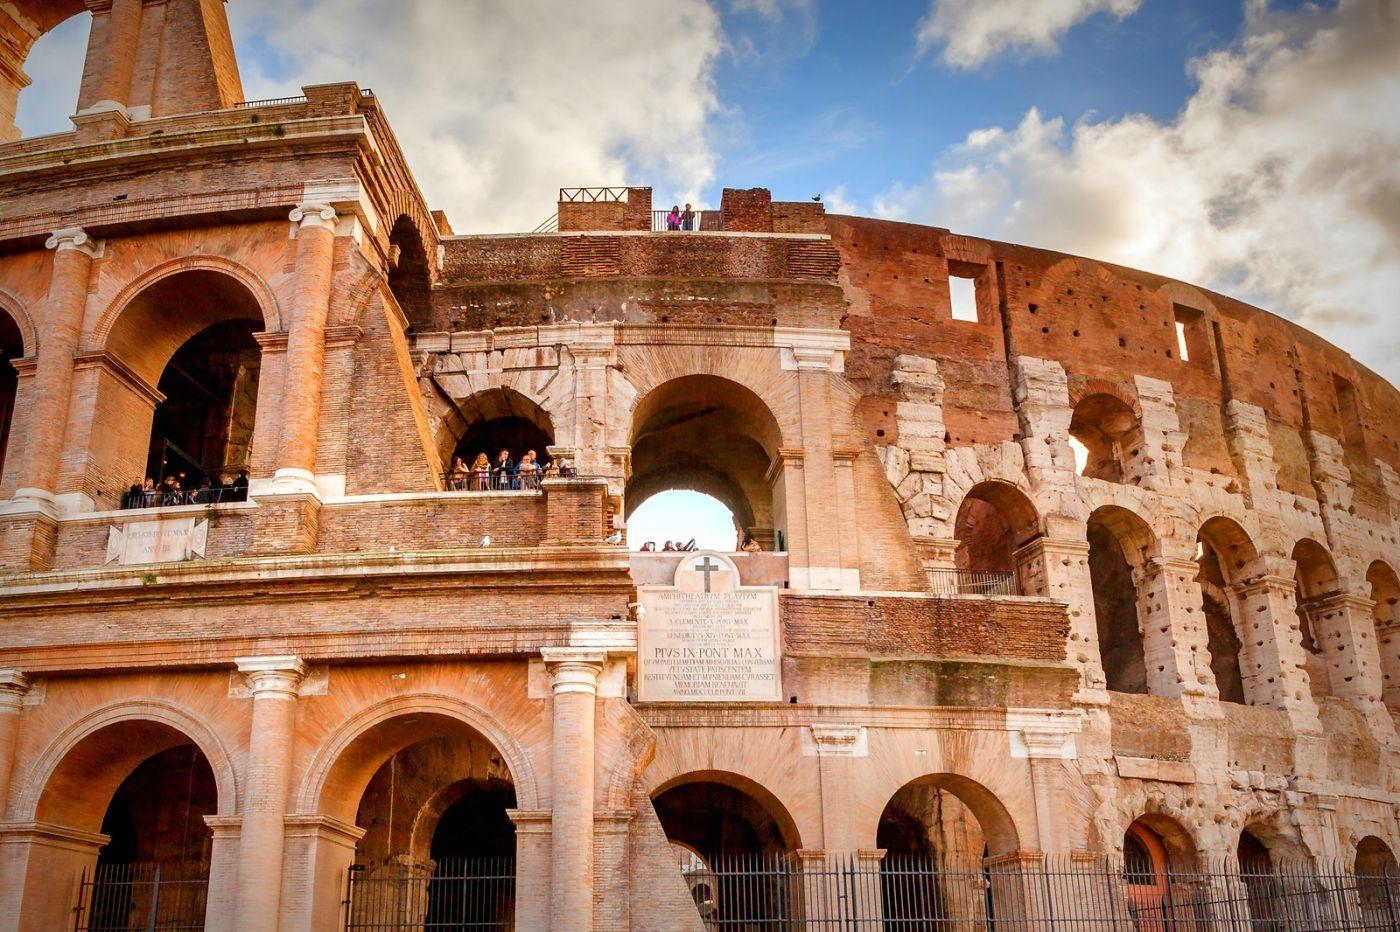 罗马斗兽场(Colosseum), 两千年的宏大建筑古迹_图1-8